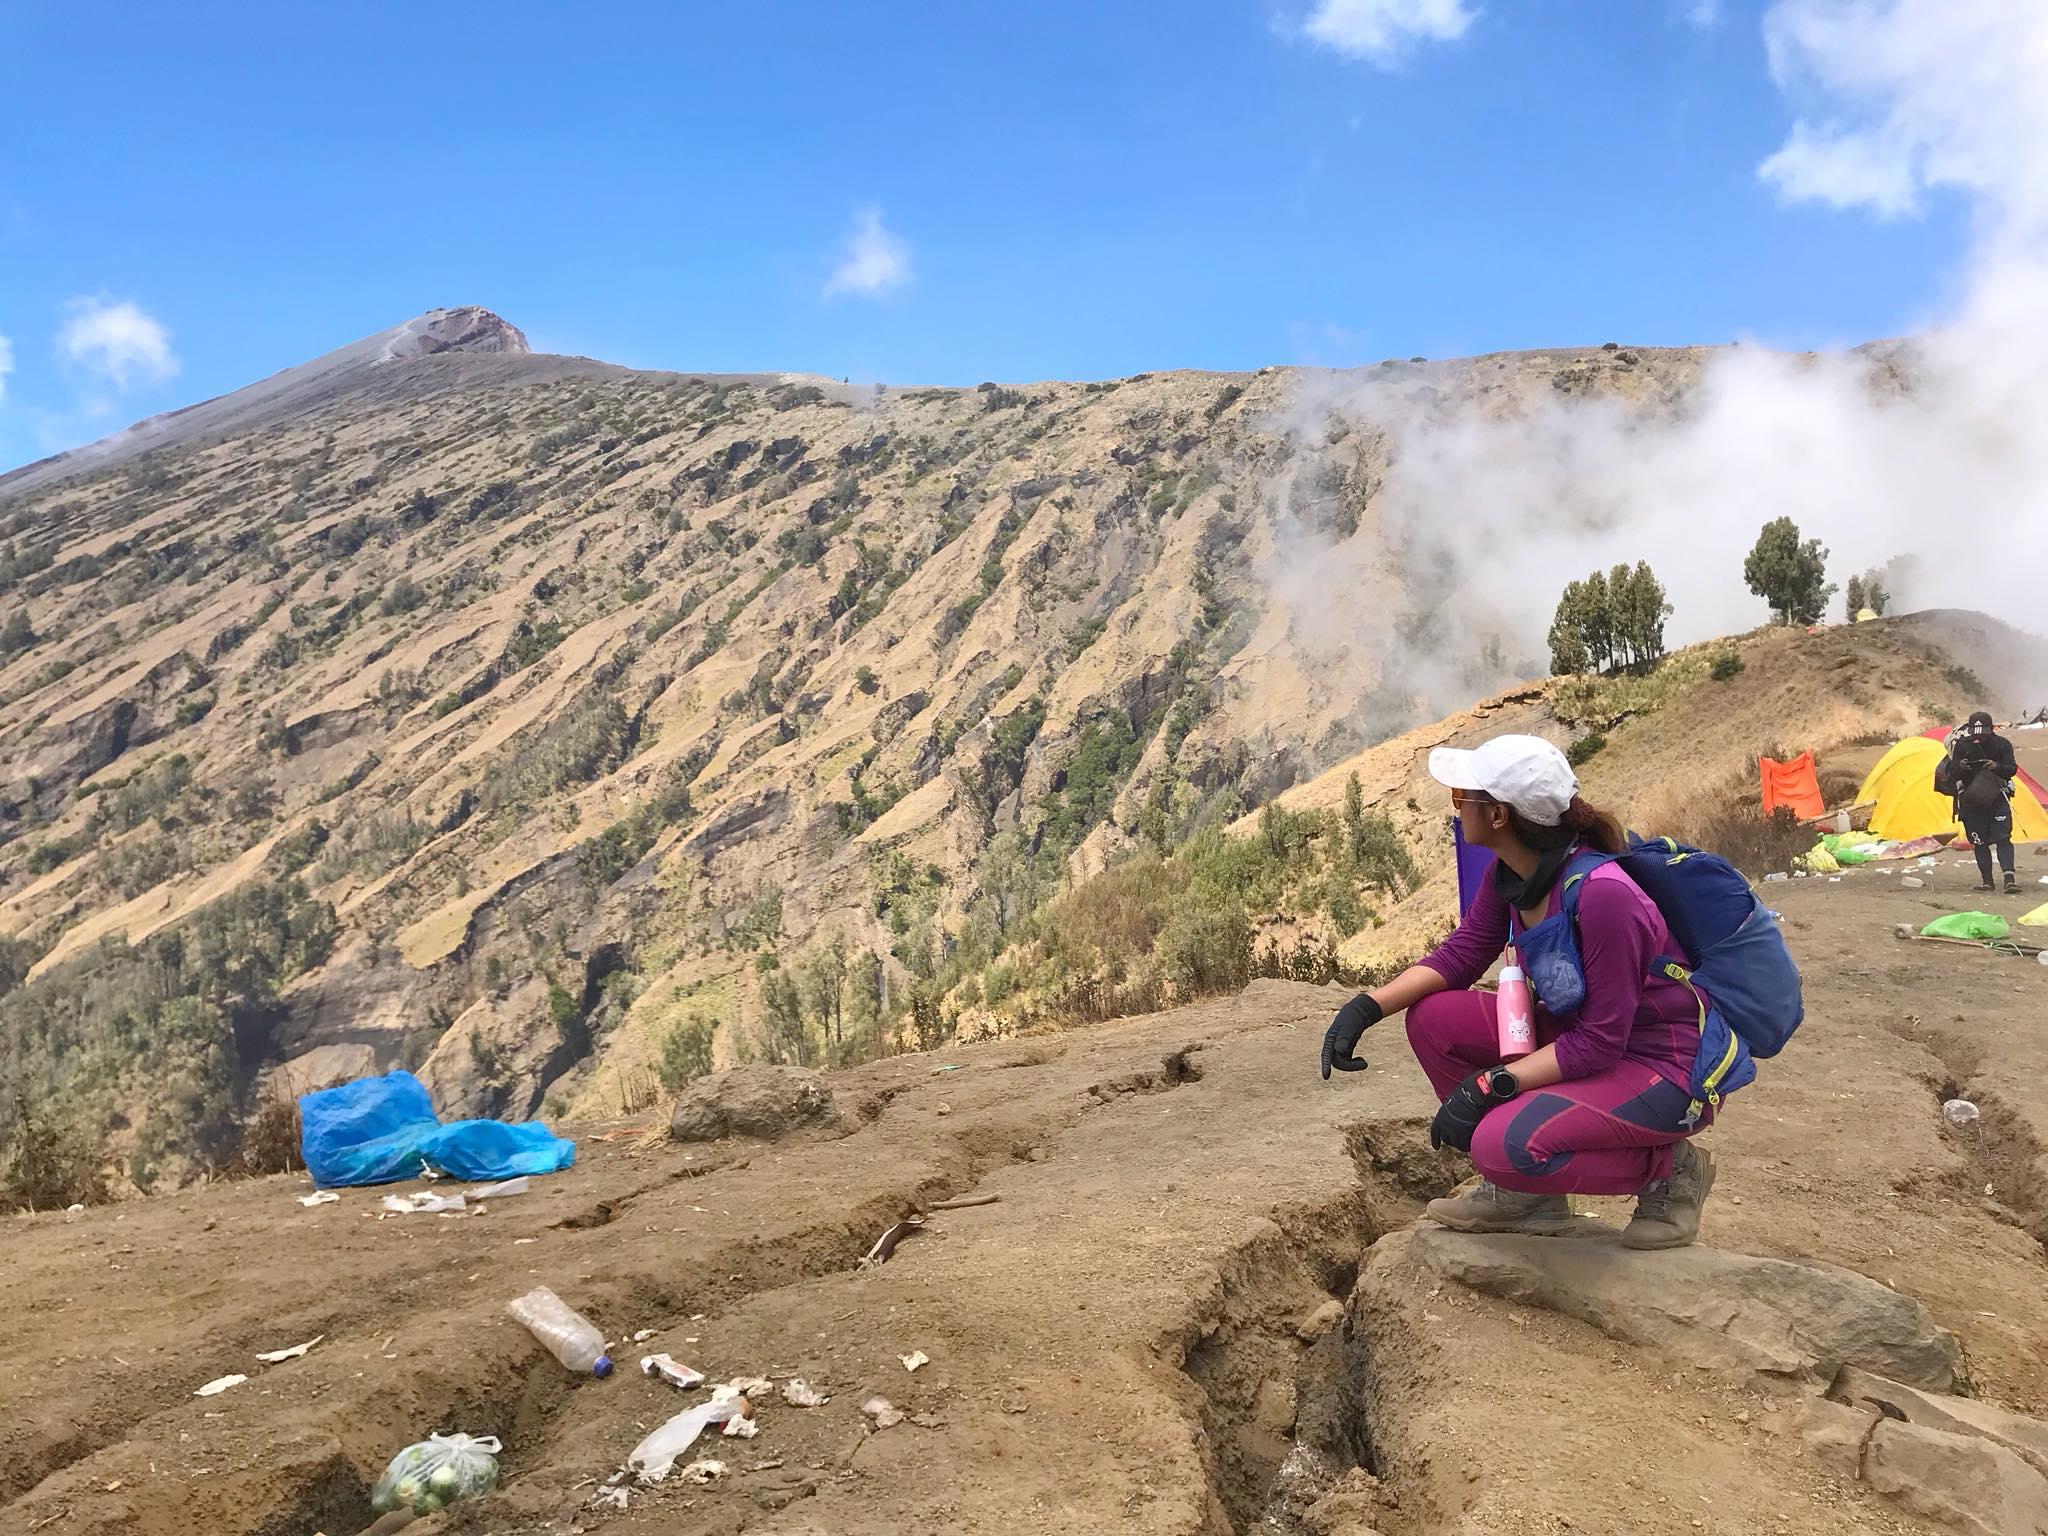 คนไทยติดภูเขาไฟรินจานี เริ่มออกเดินออกไปหาความช่วยเหลือ